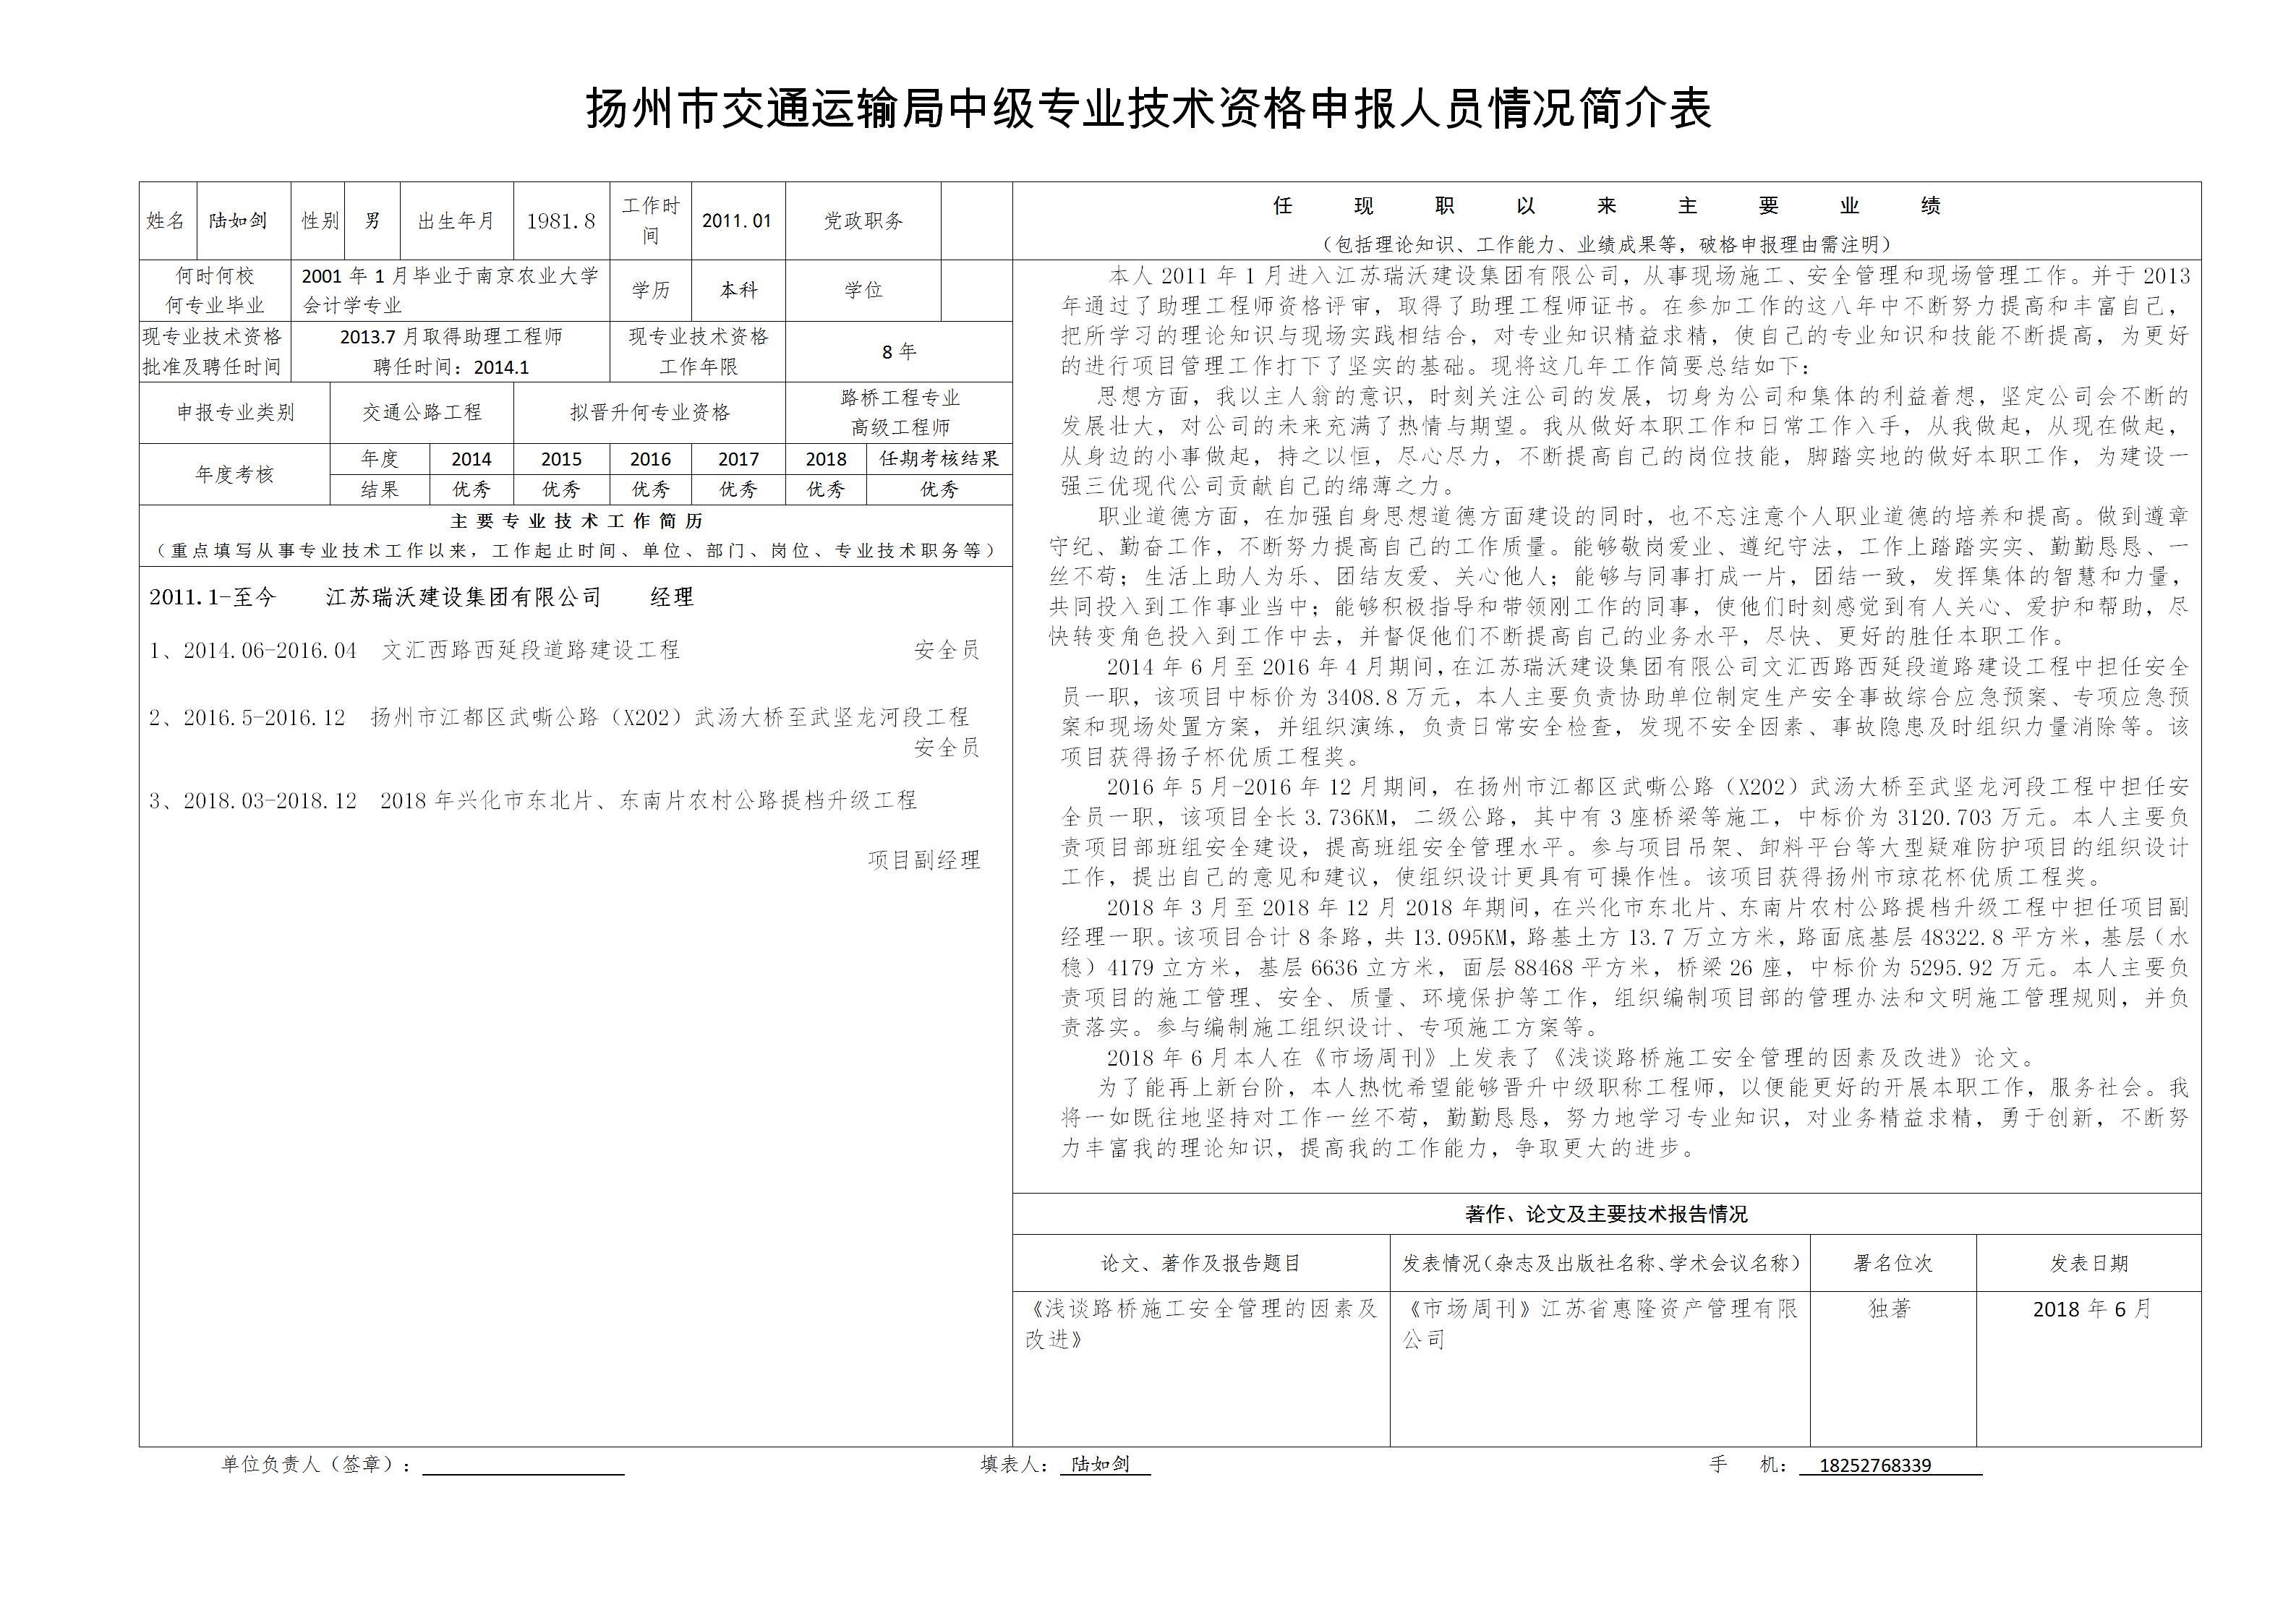 附件一:江苏省高级职称申报情况简介表-陆如剑_01.jpg